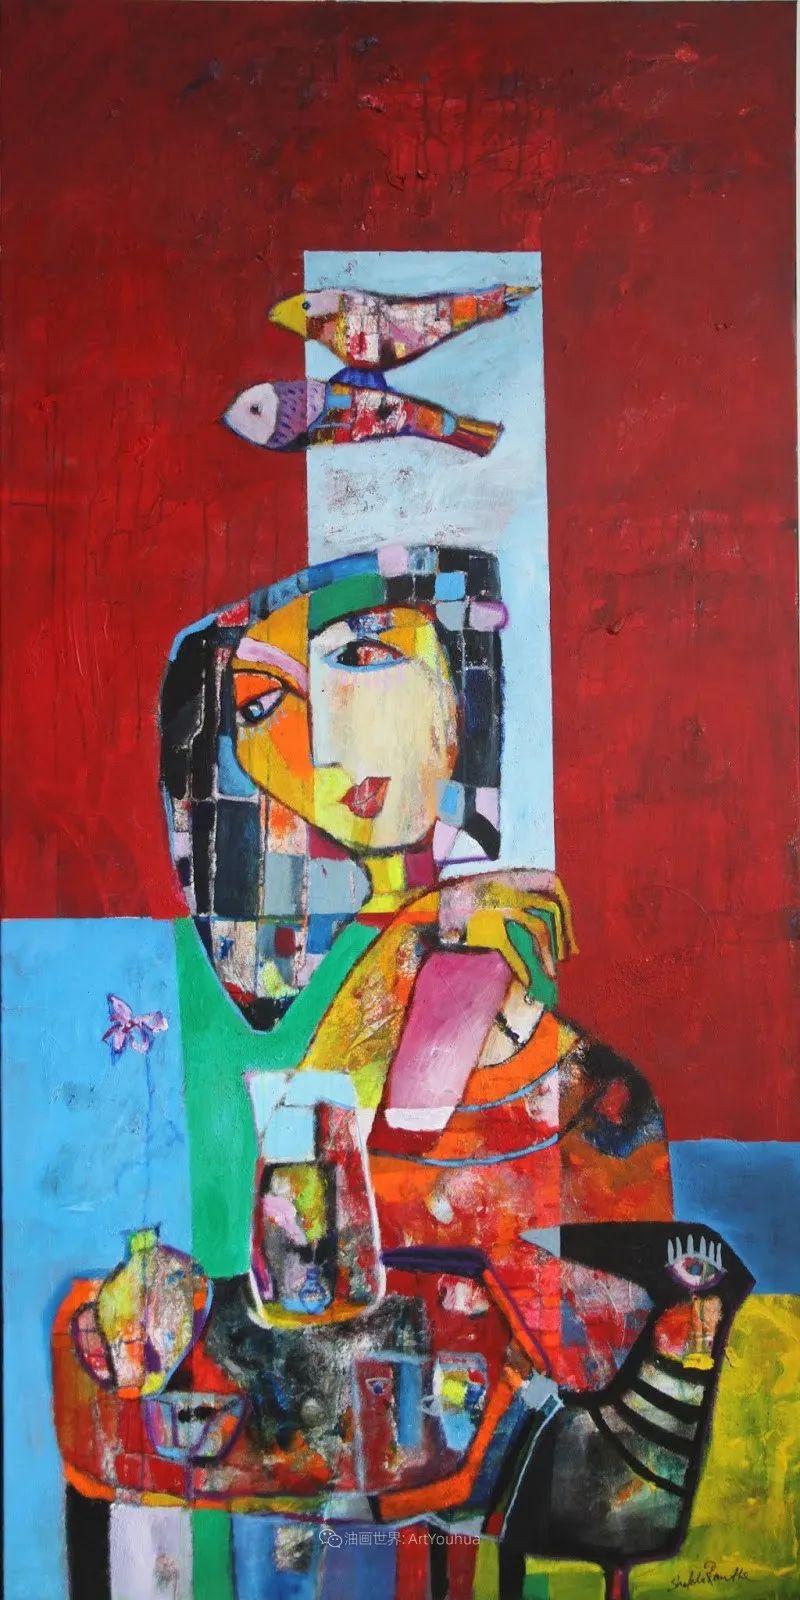 她的艺术是丰富多彩的,孟加拉国艺术家谢法利·兰特插图21